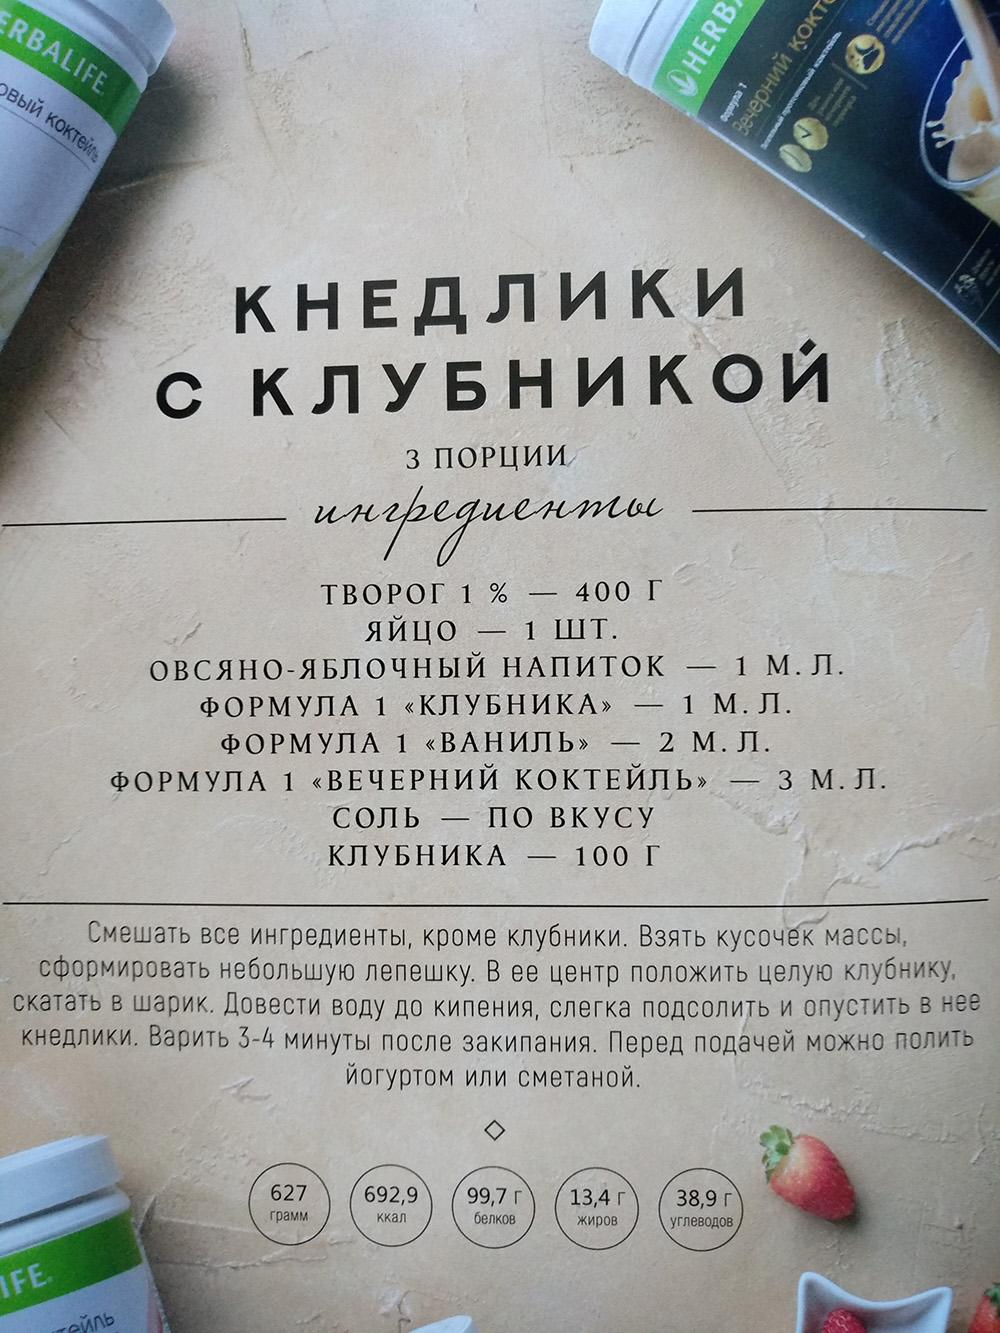 кнедлики с клубникой - рецепты из книги гербалайф